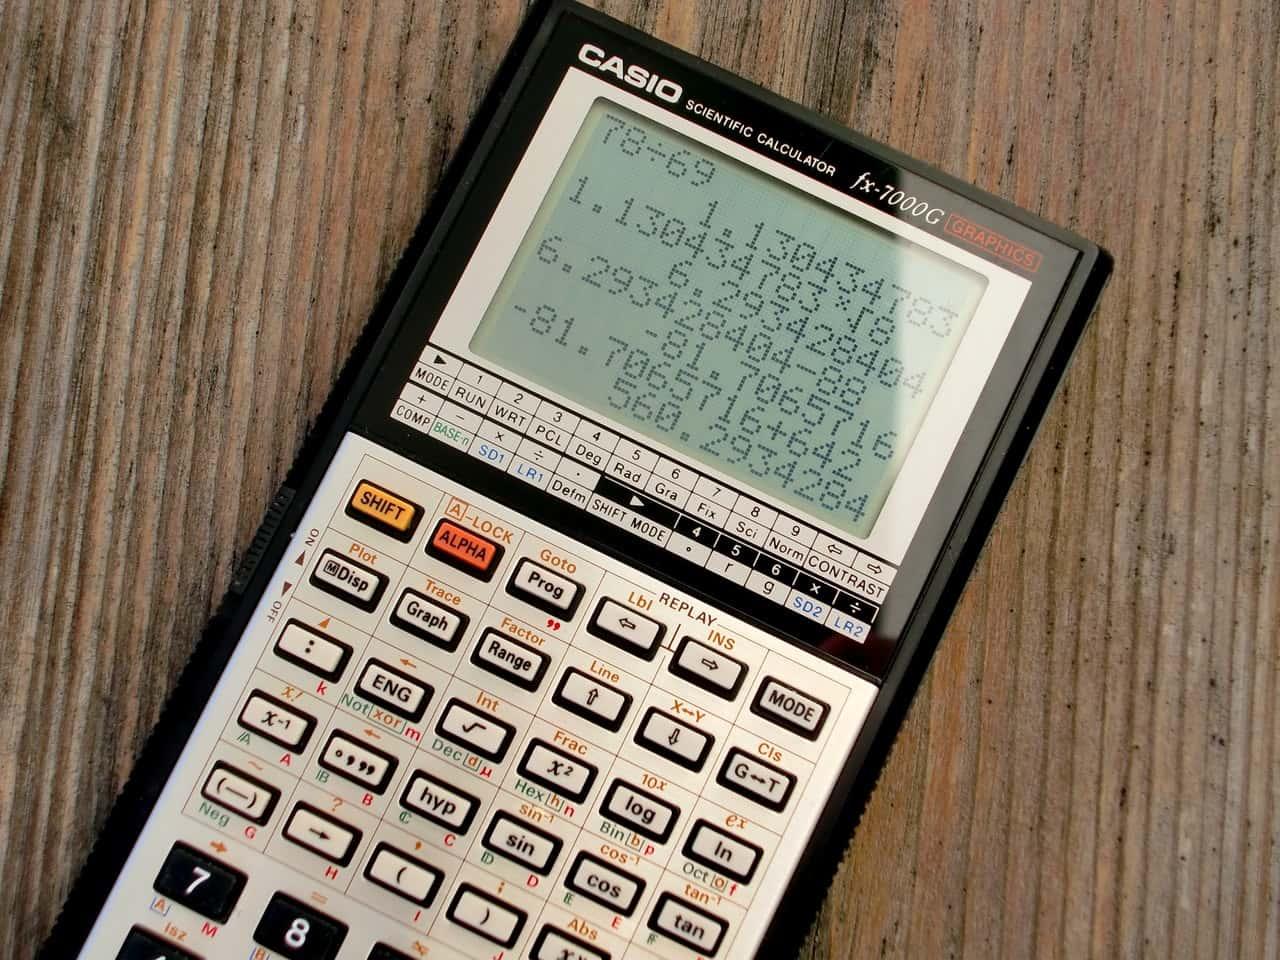 A-Level Calculator vs GCSE Calculator